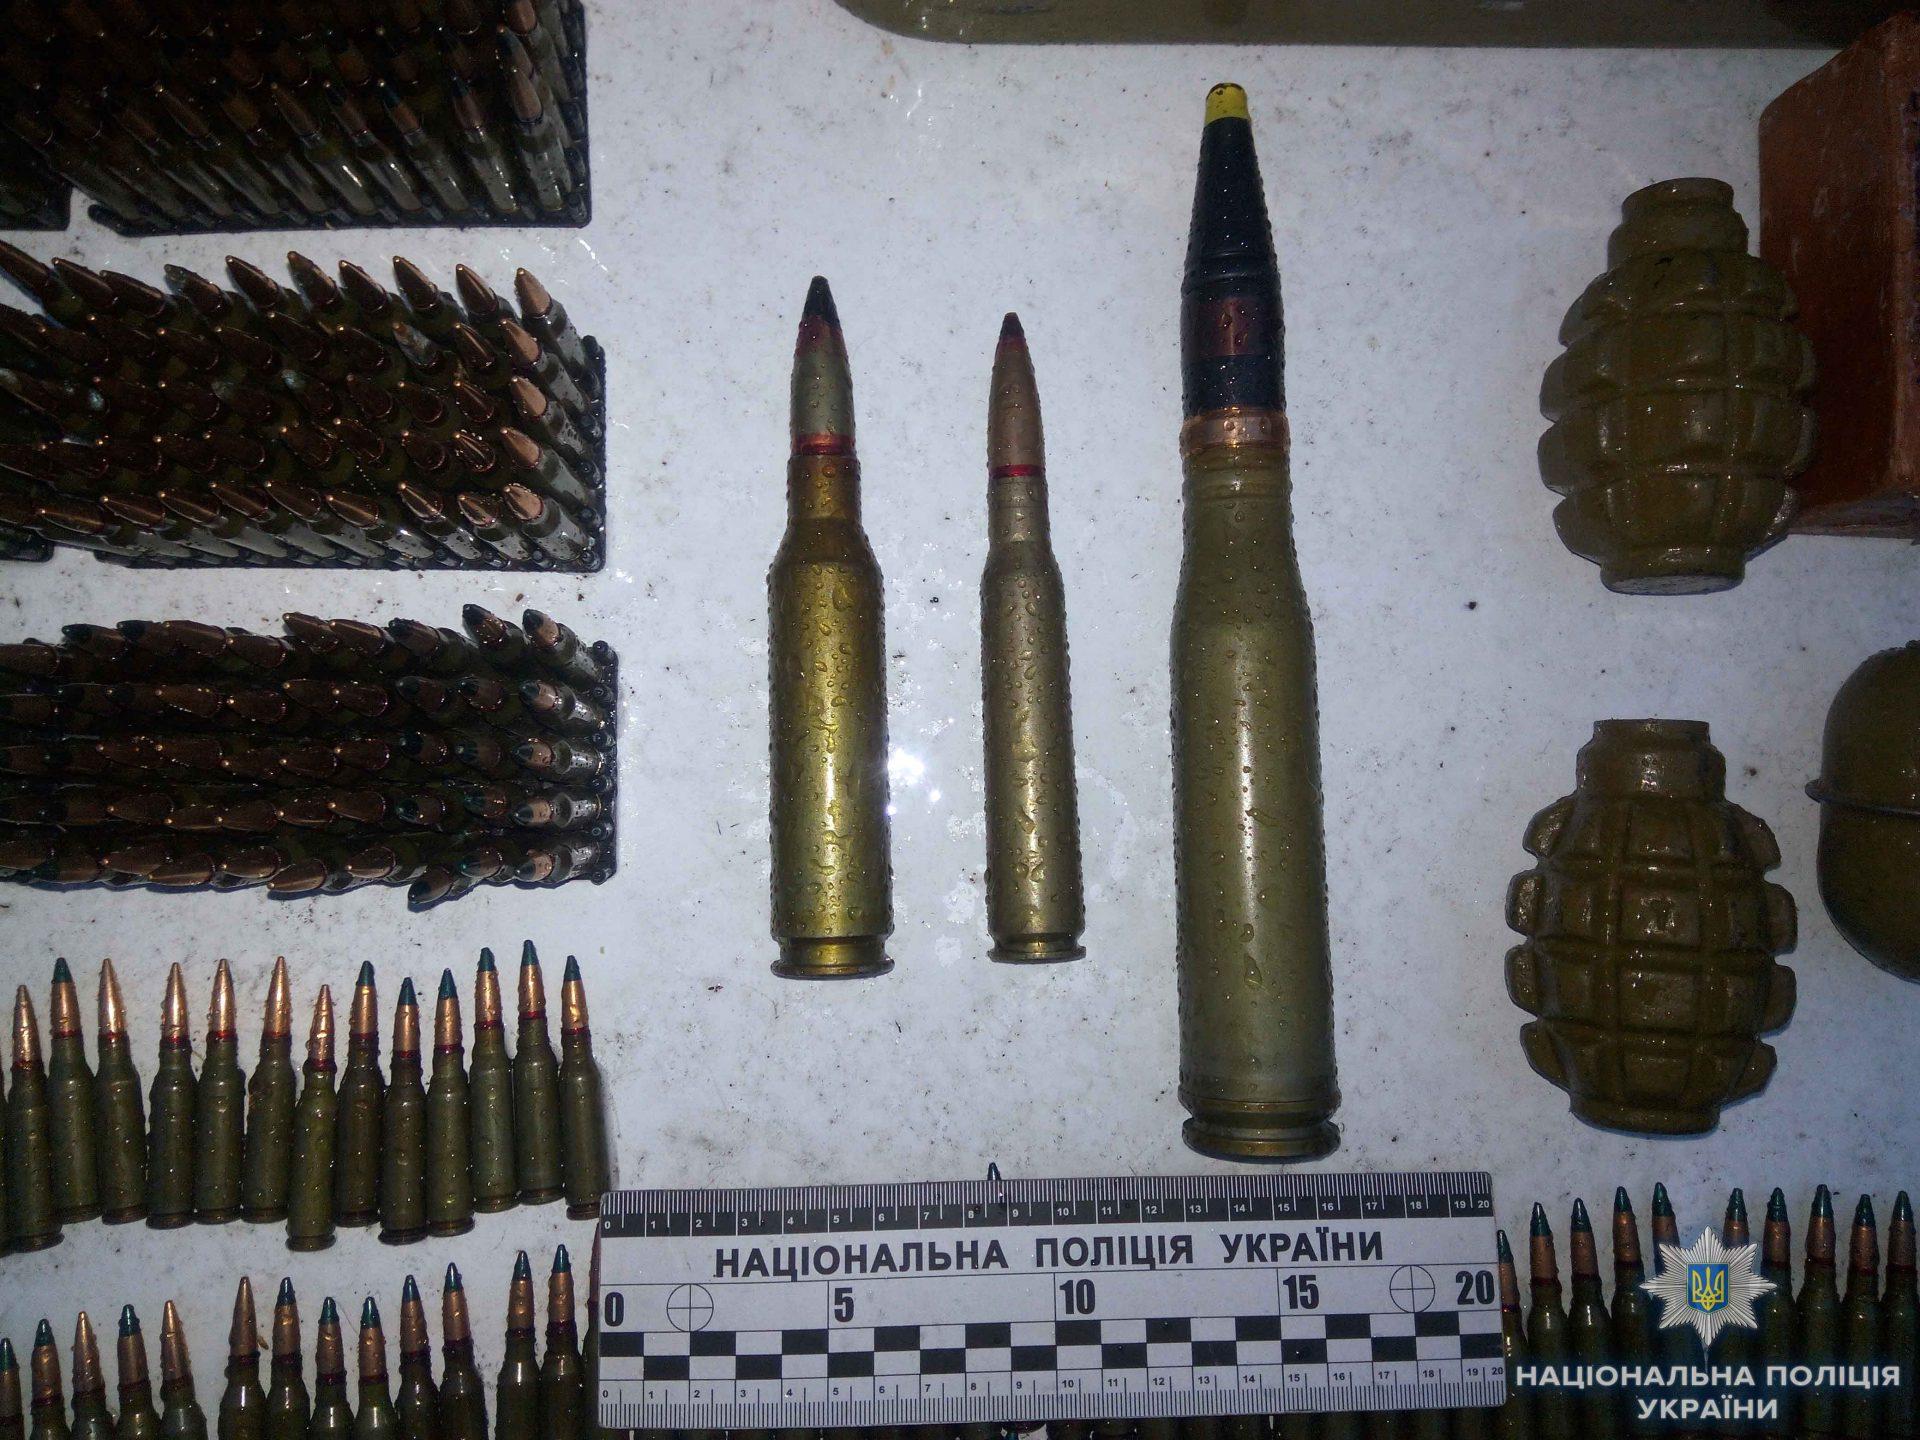 На Кіровоградщині викрили чоловіка, який мав великий арсенал боєприпасів та вибухівки. ФОТО 1